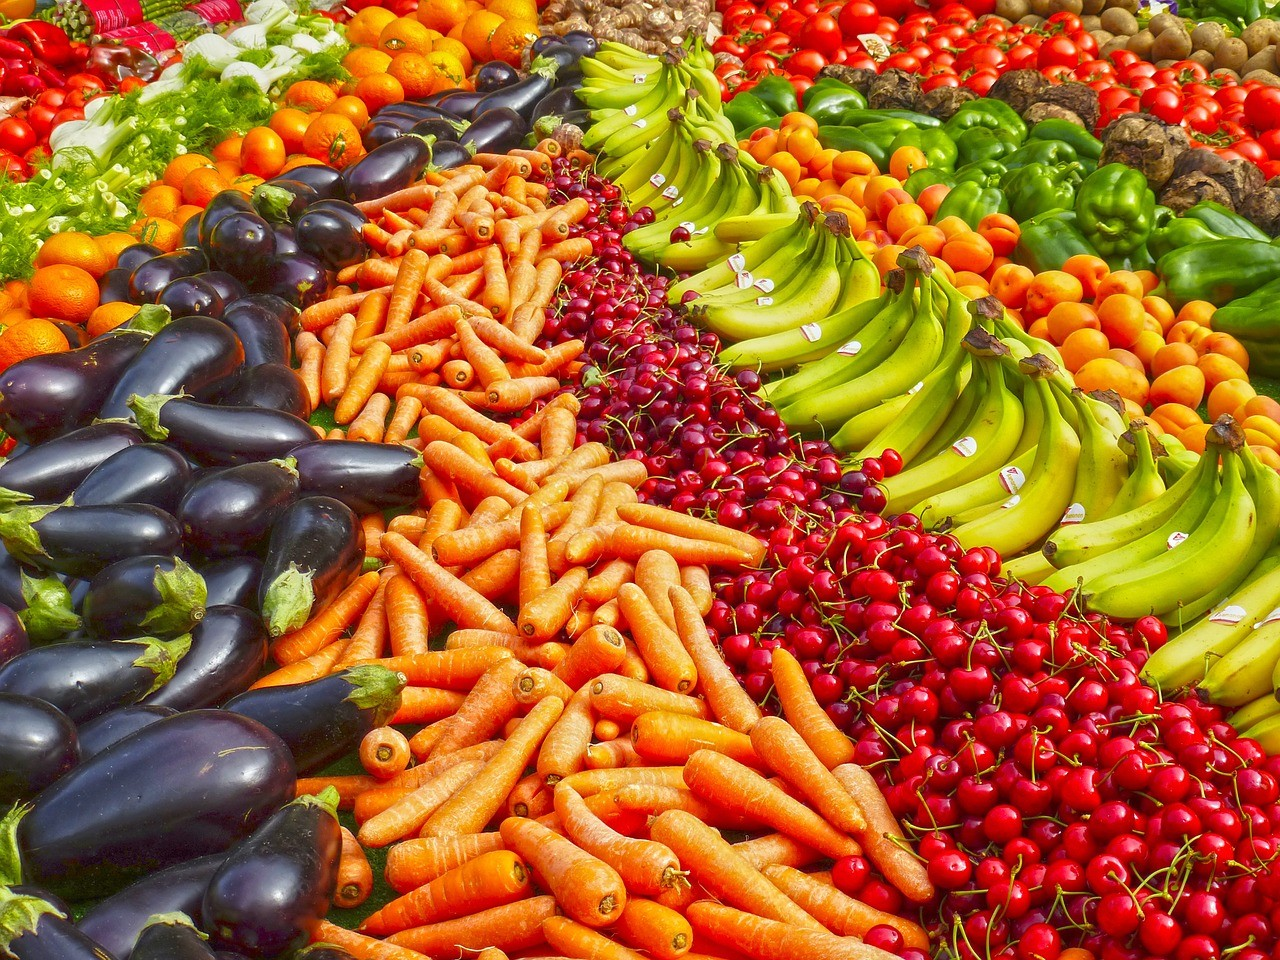 Consumare un arcobaleno di frutta e verdura, ma pochi zuccheri